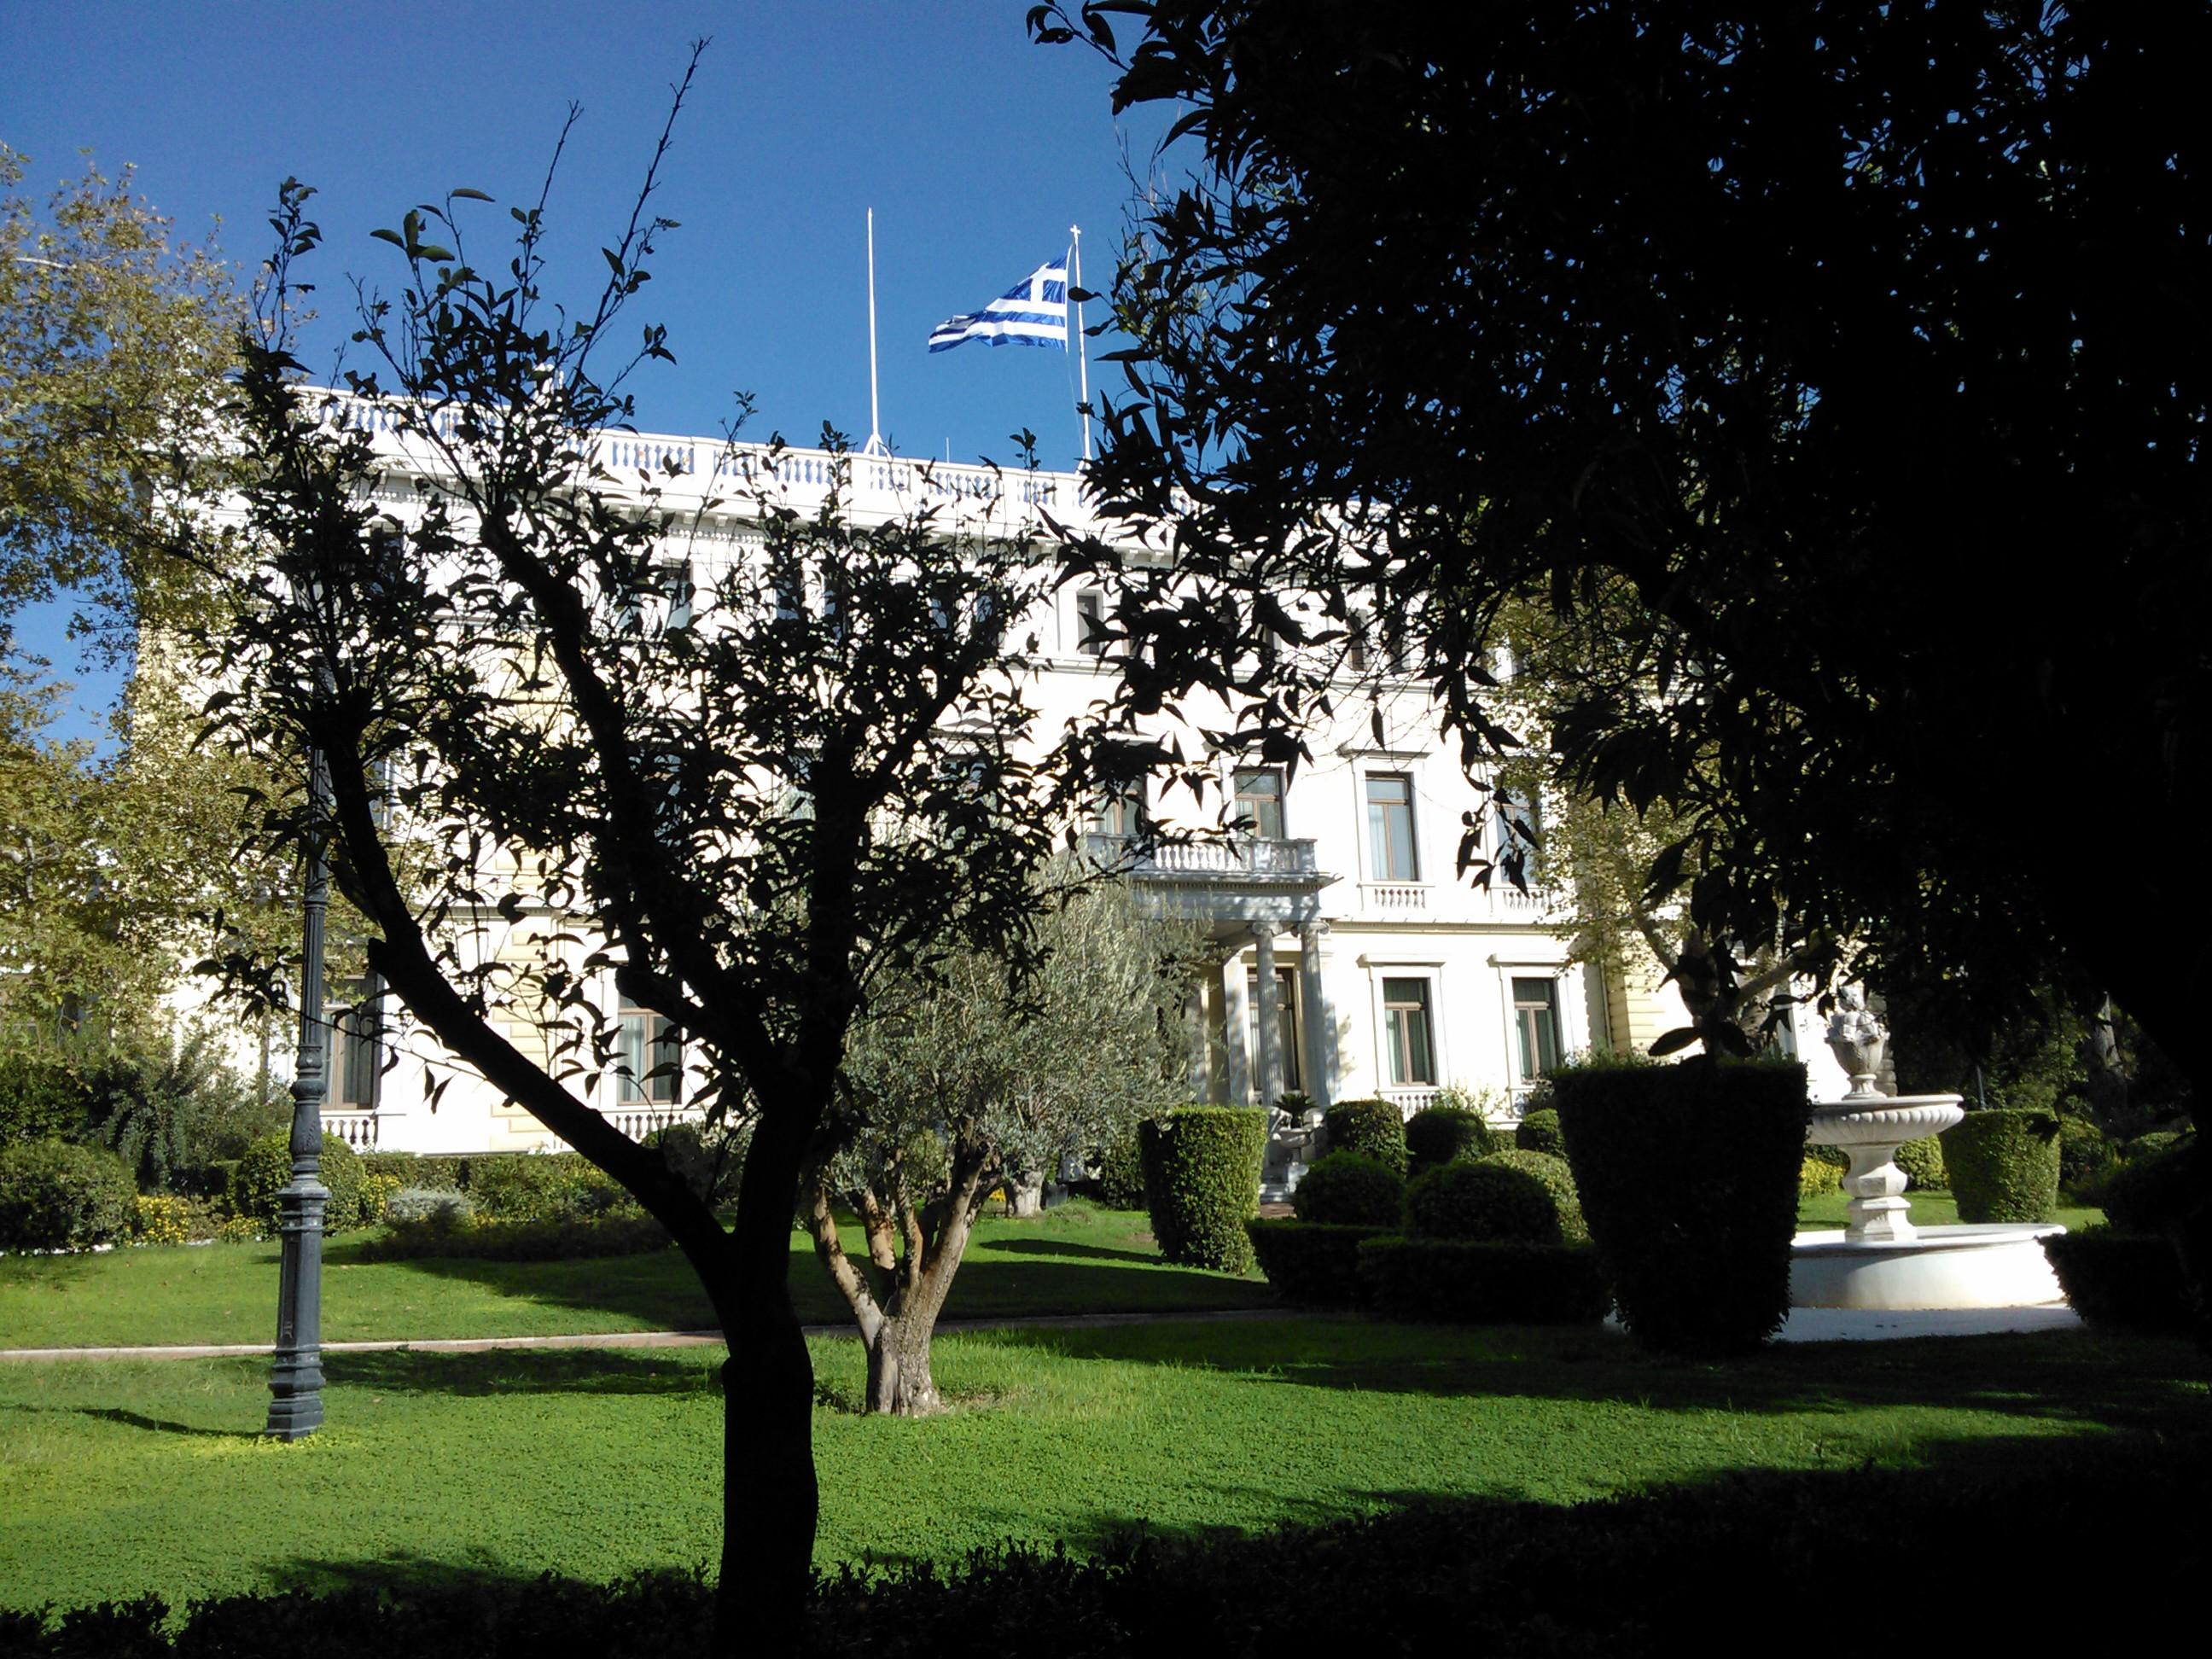 Προεδρικό Μέγαρο (Αθήνα) - Βικιπαίδεια 98bc0436c9e